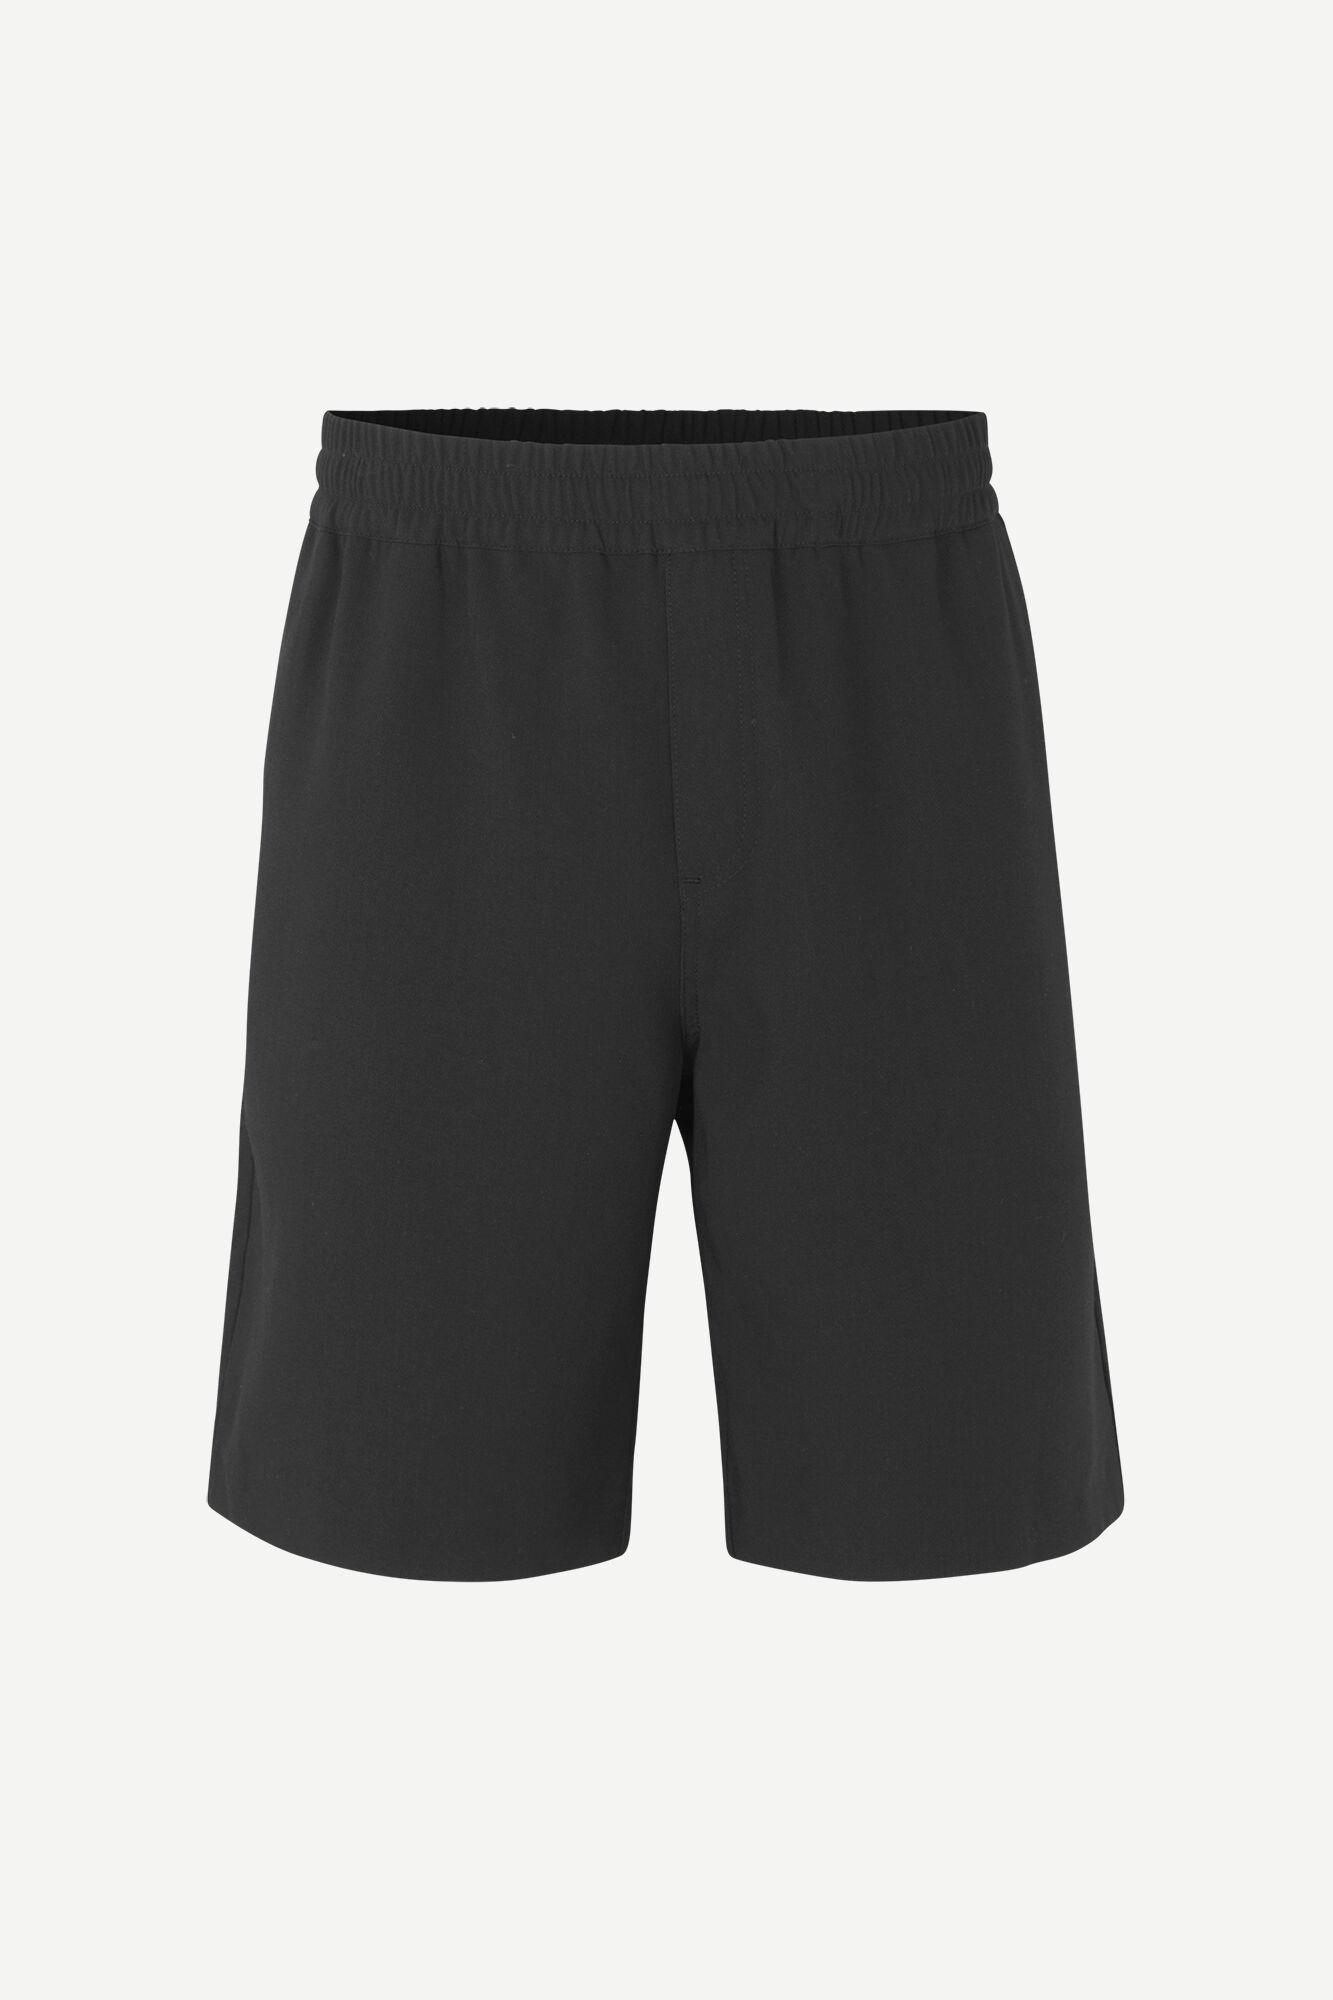 Smith Shorts-3